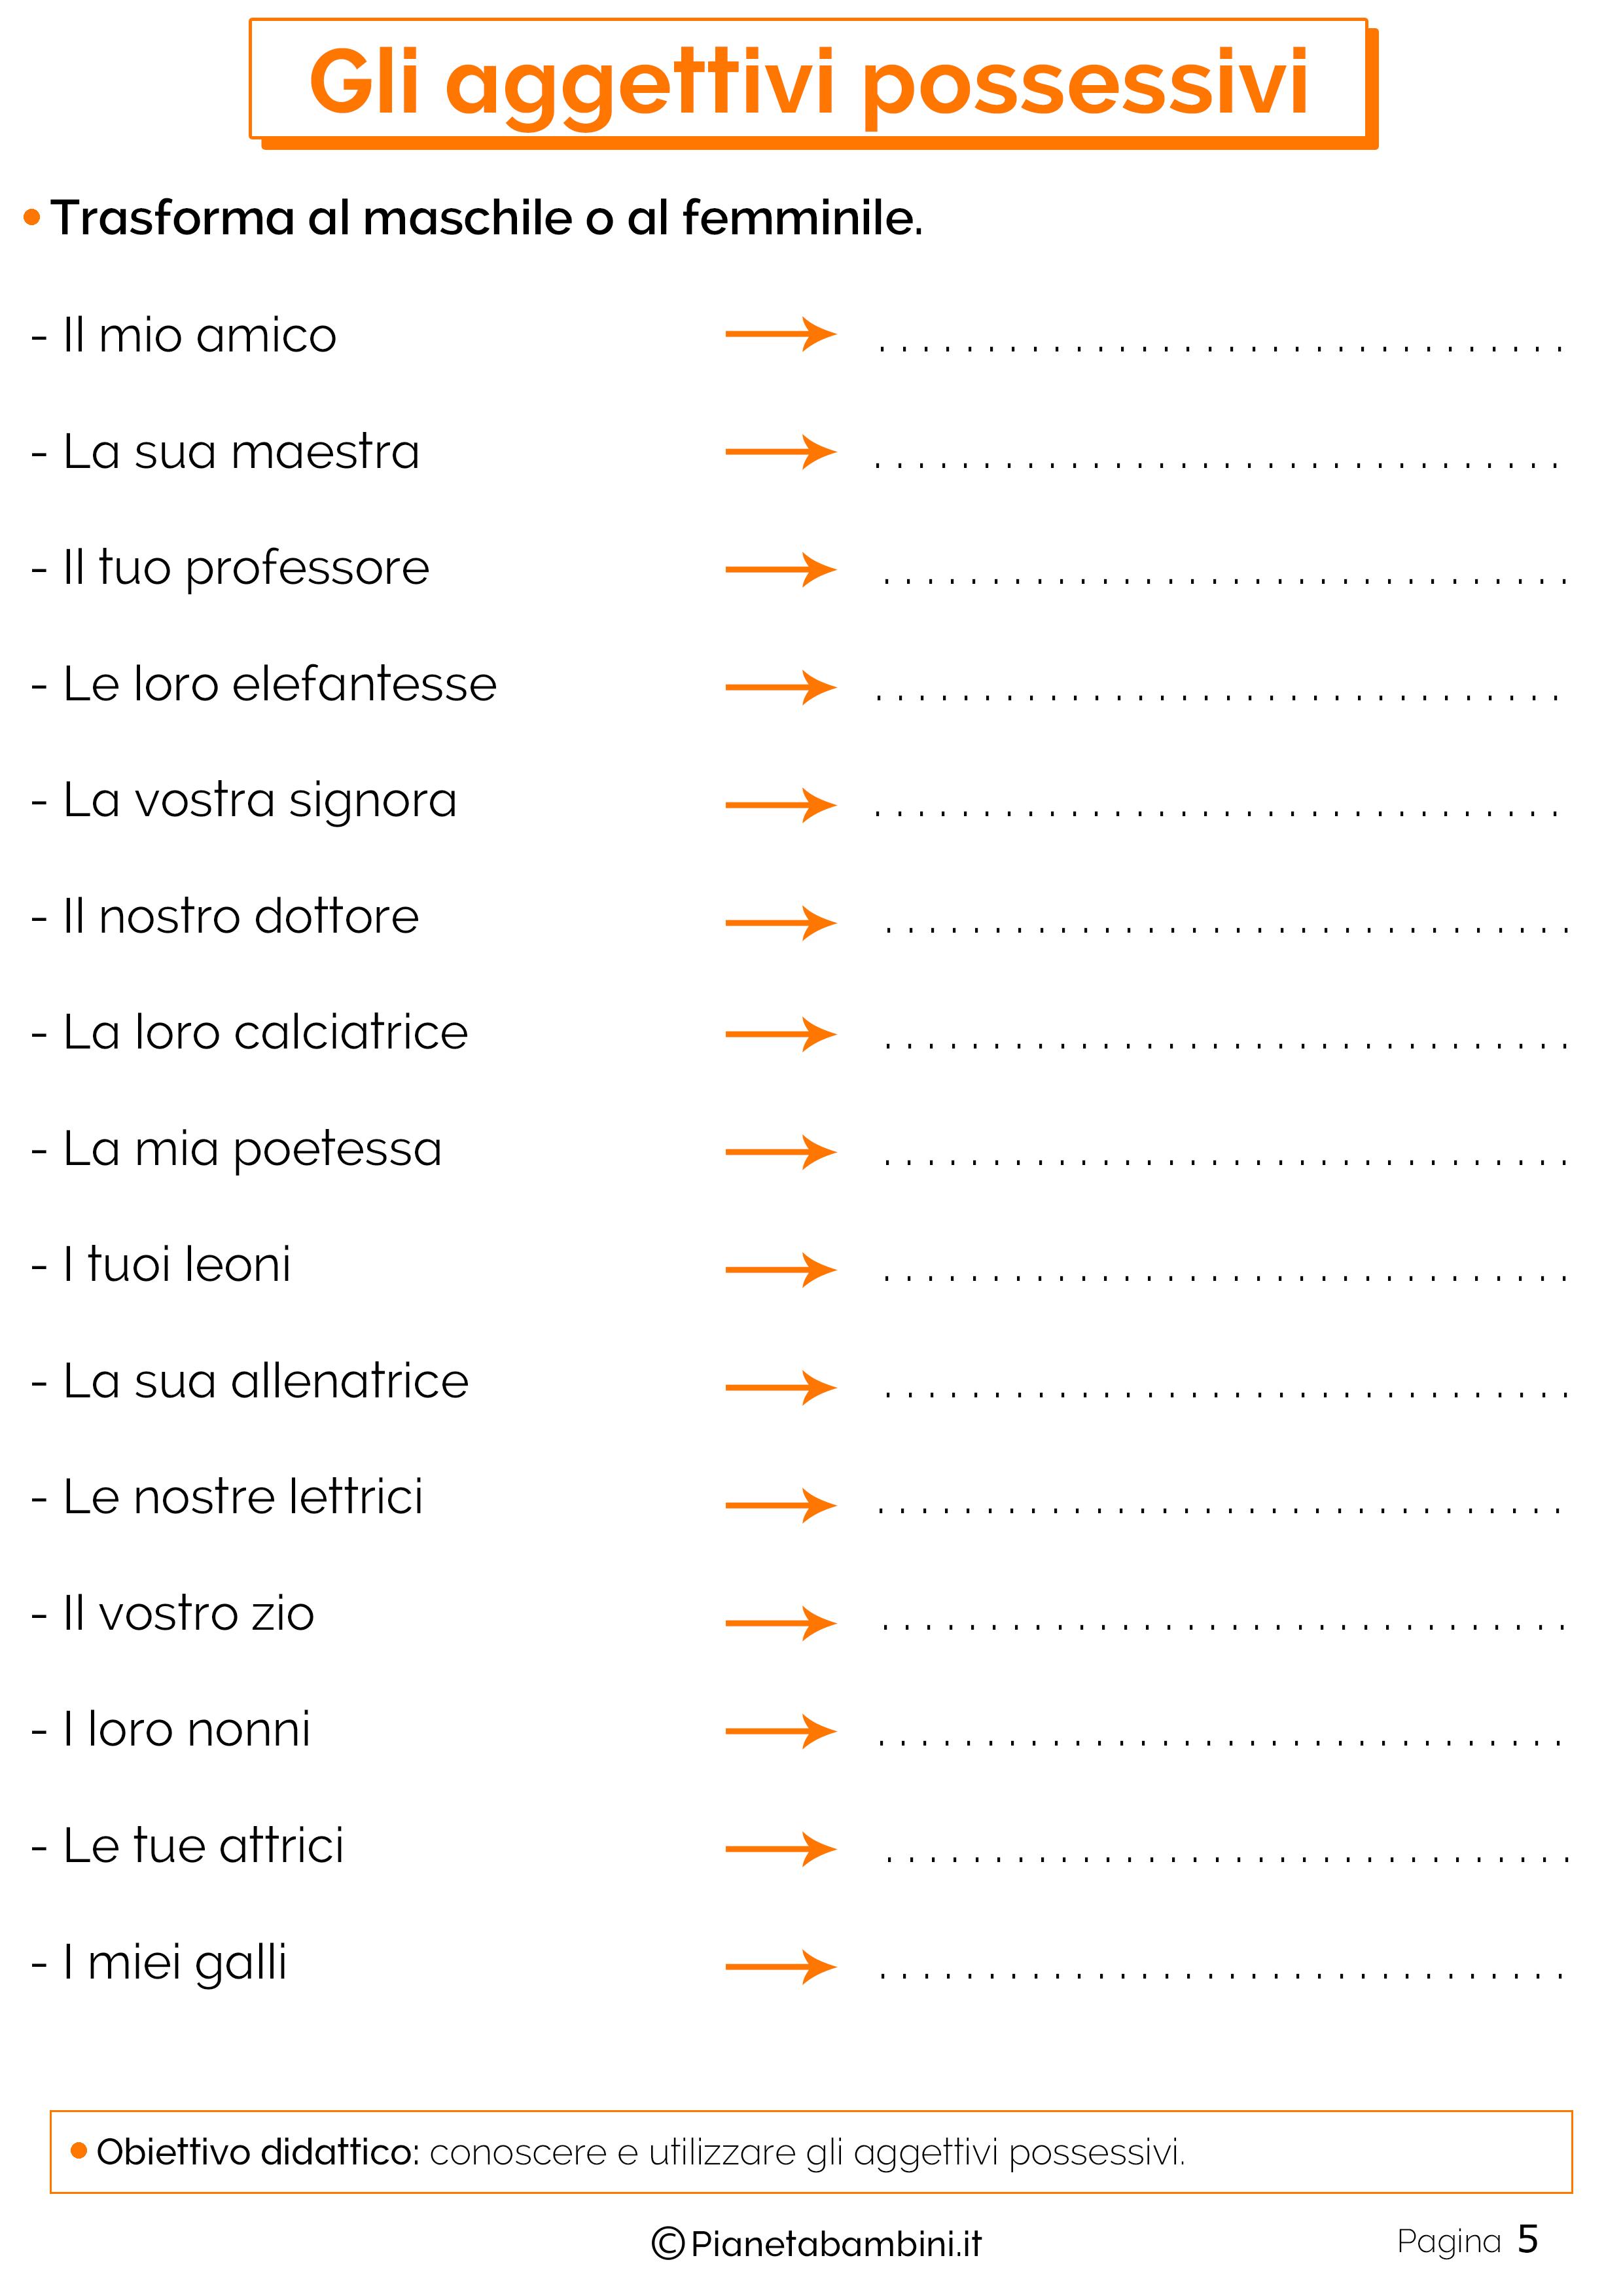 Esercizi sugli aggettivi Possessivi 5